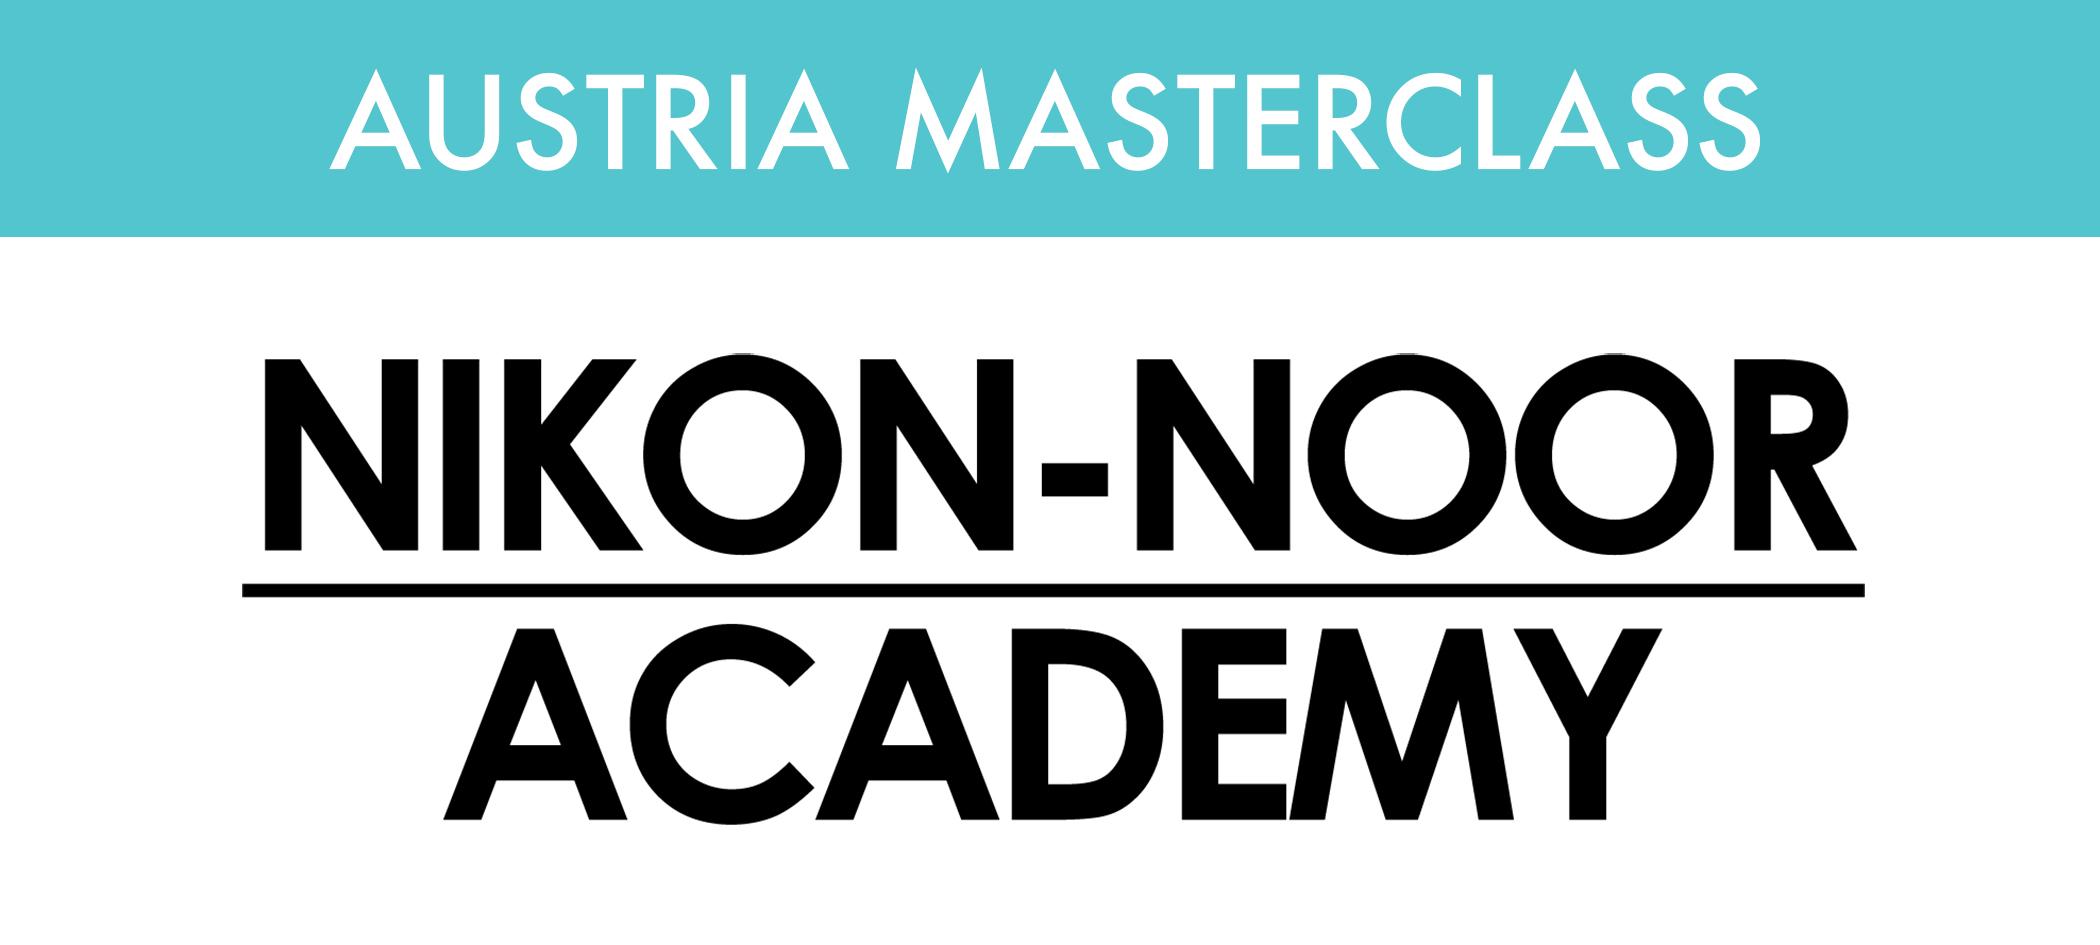 Nikon-NOOR Academy AUSTRIA.jpg